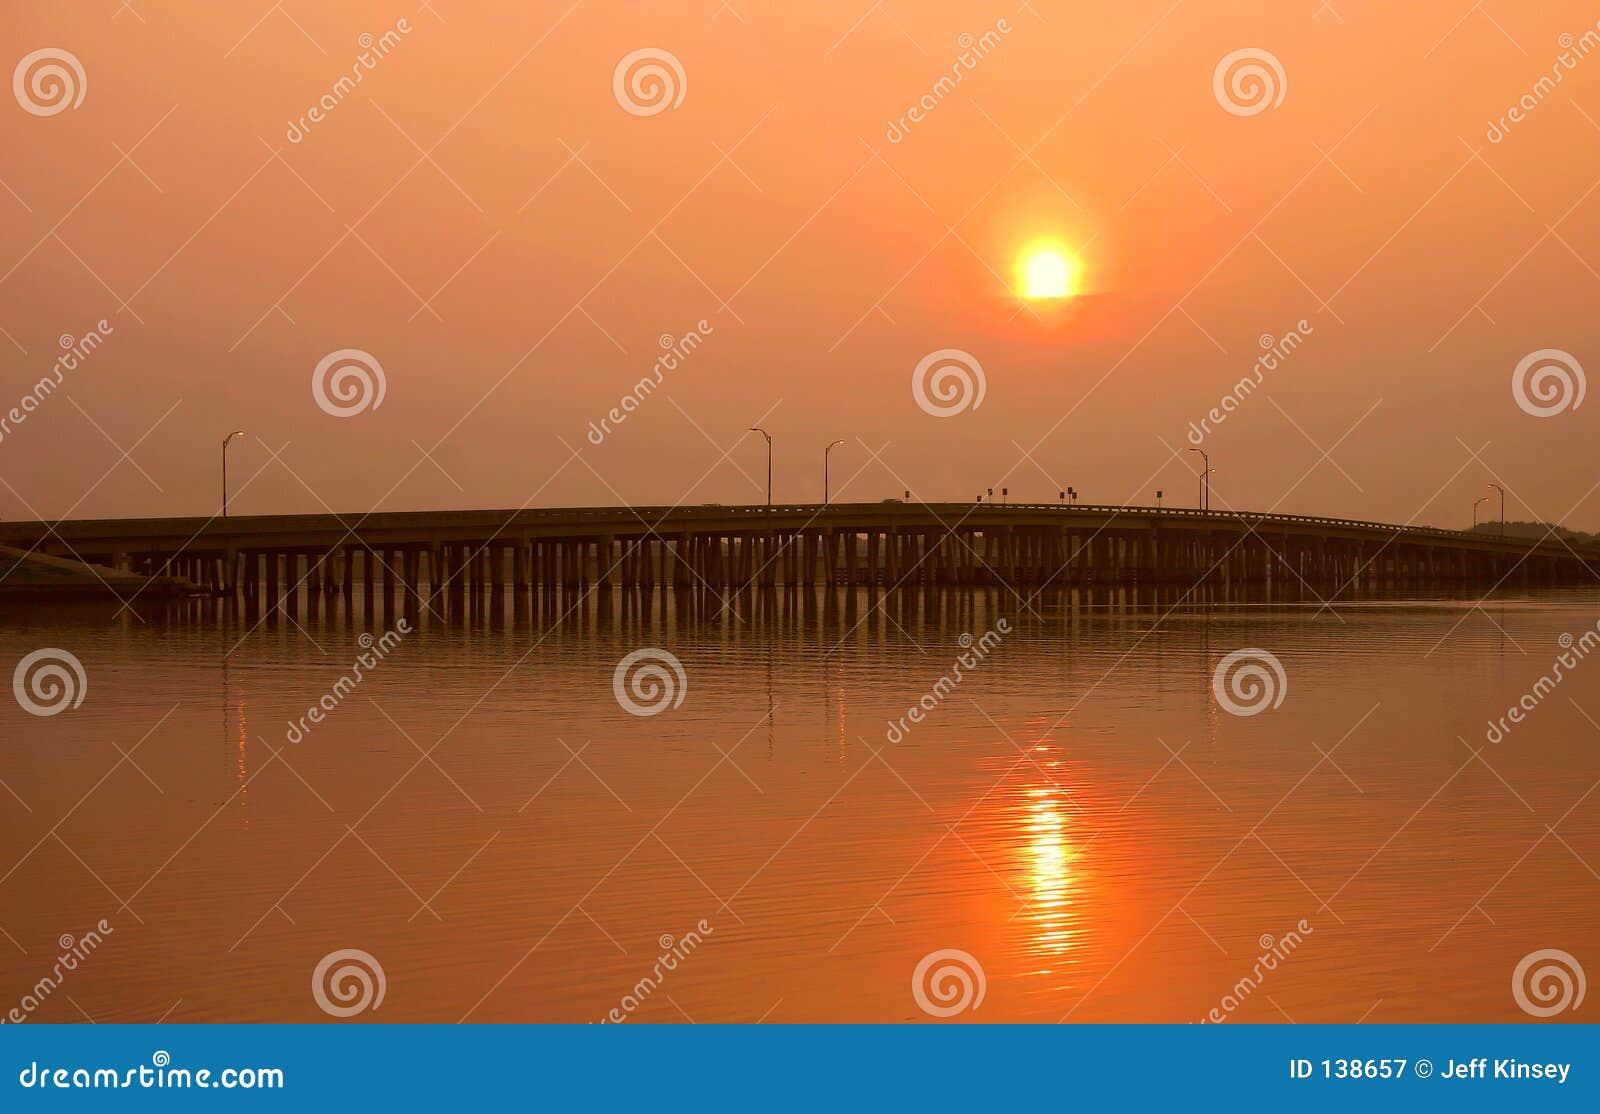 Boca bay bridge ciega